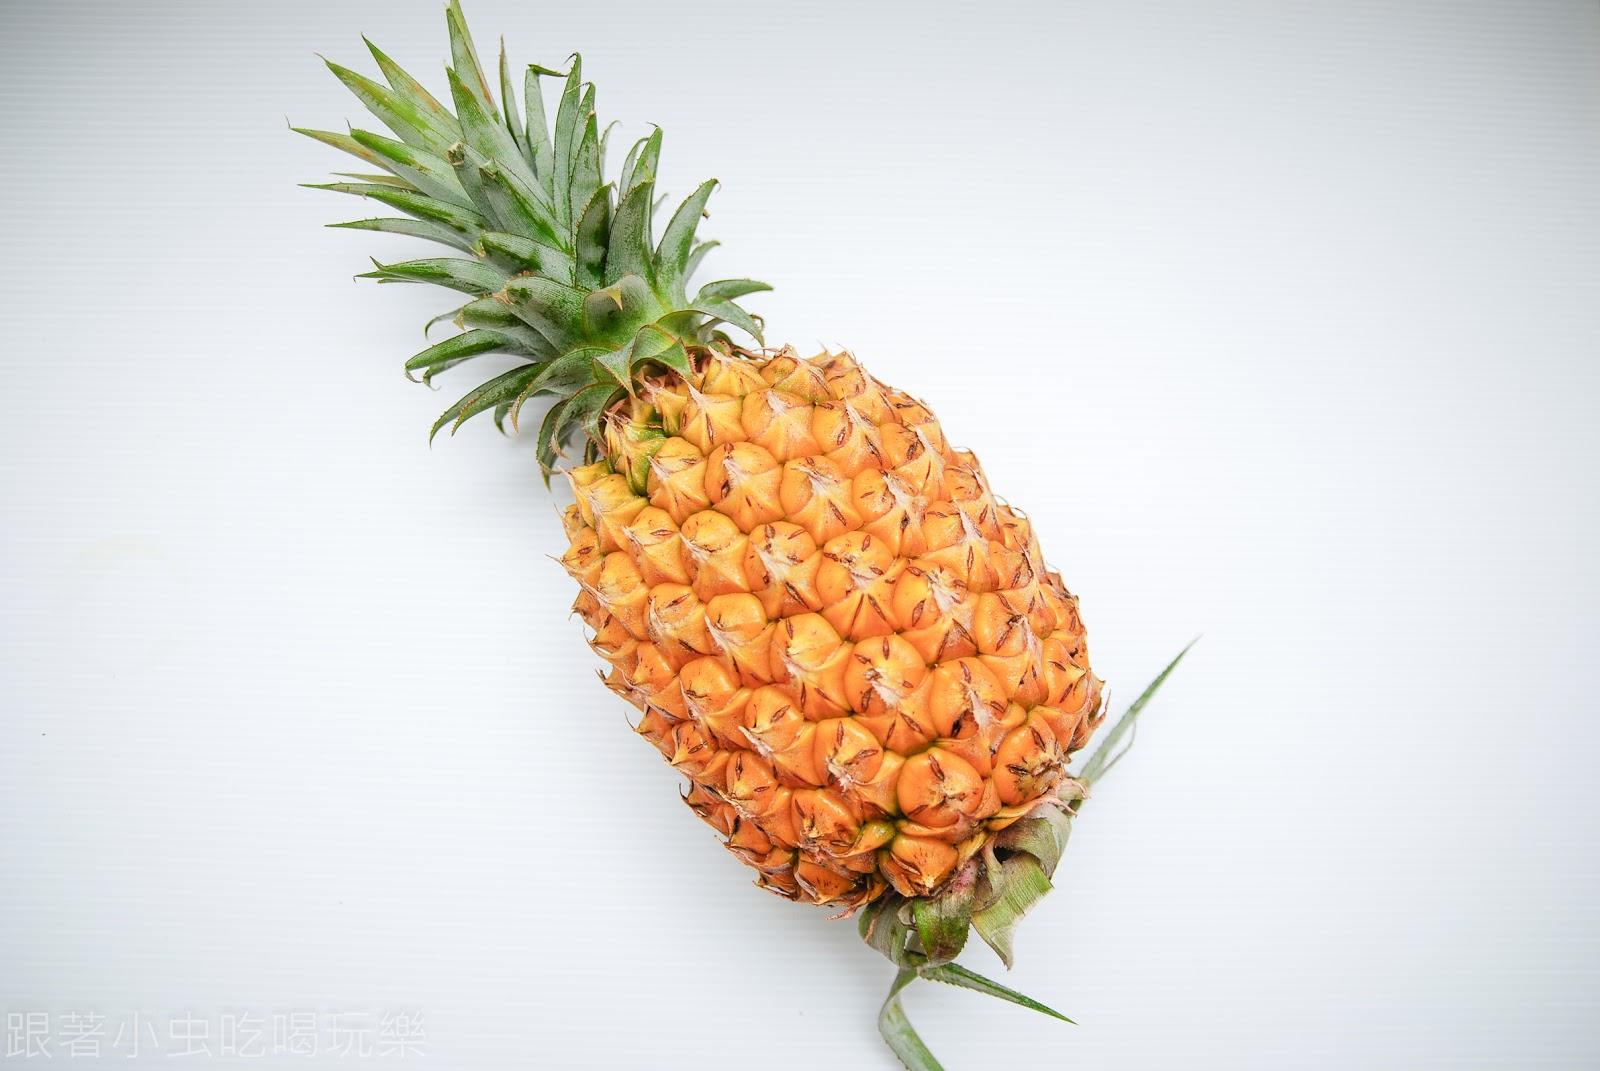 跟著小蟲吃喝玩樂: [網路宅配好水果] 來自屏東有機的鳳梨及超好吃的鳳梨果乾 @ 臺灣維根鳳梨 (體驗)